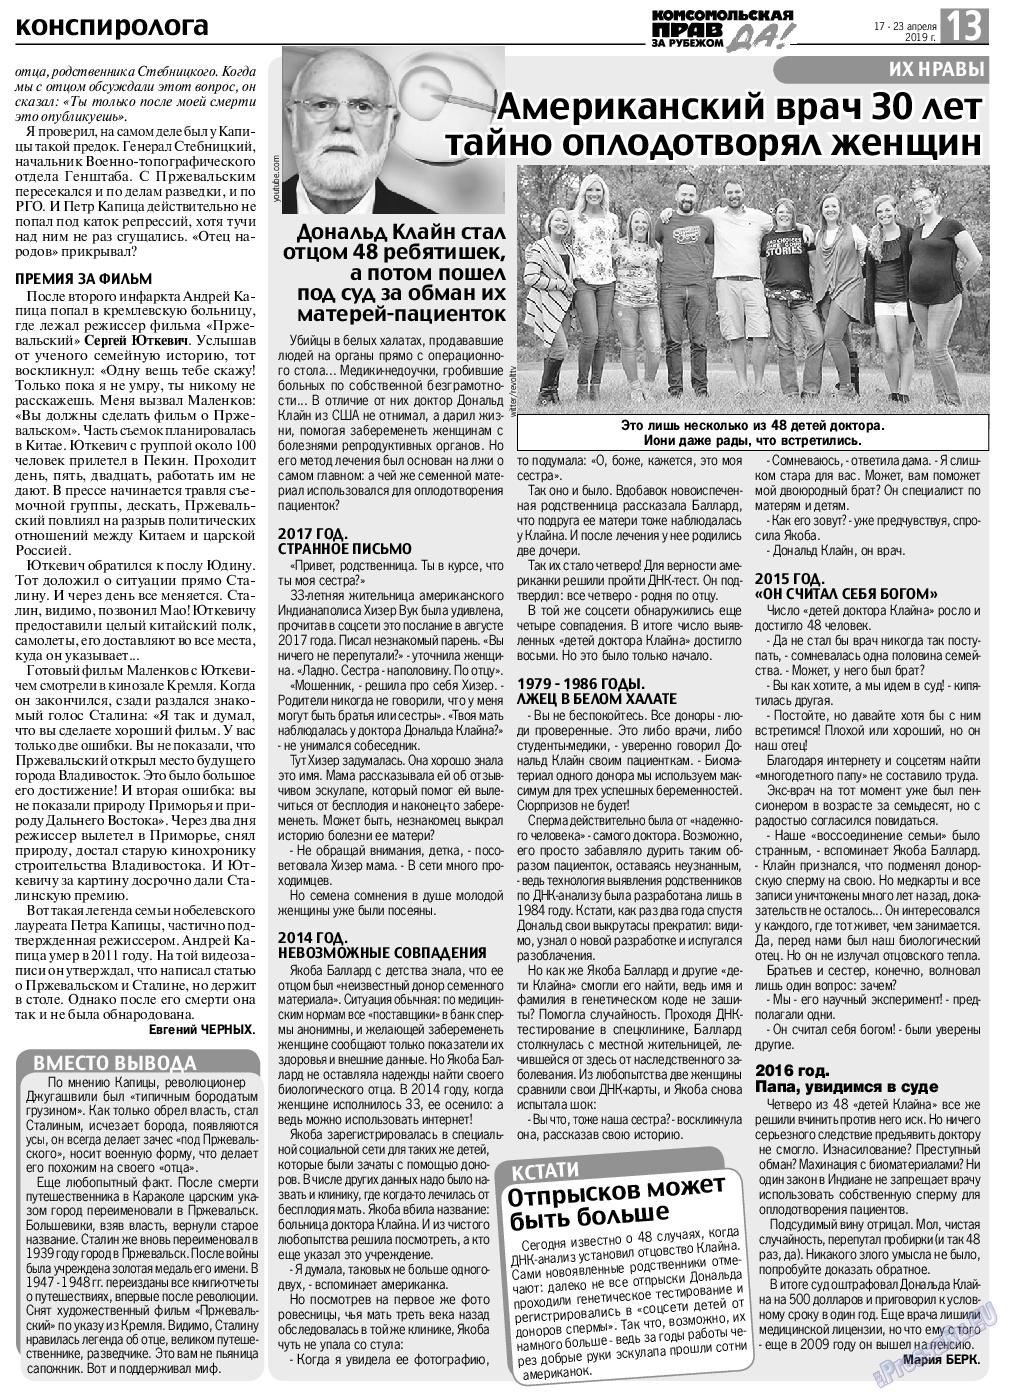 КП в Европе (газета). 2019 год, номер 16, стр. 13